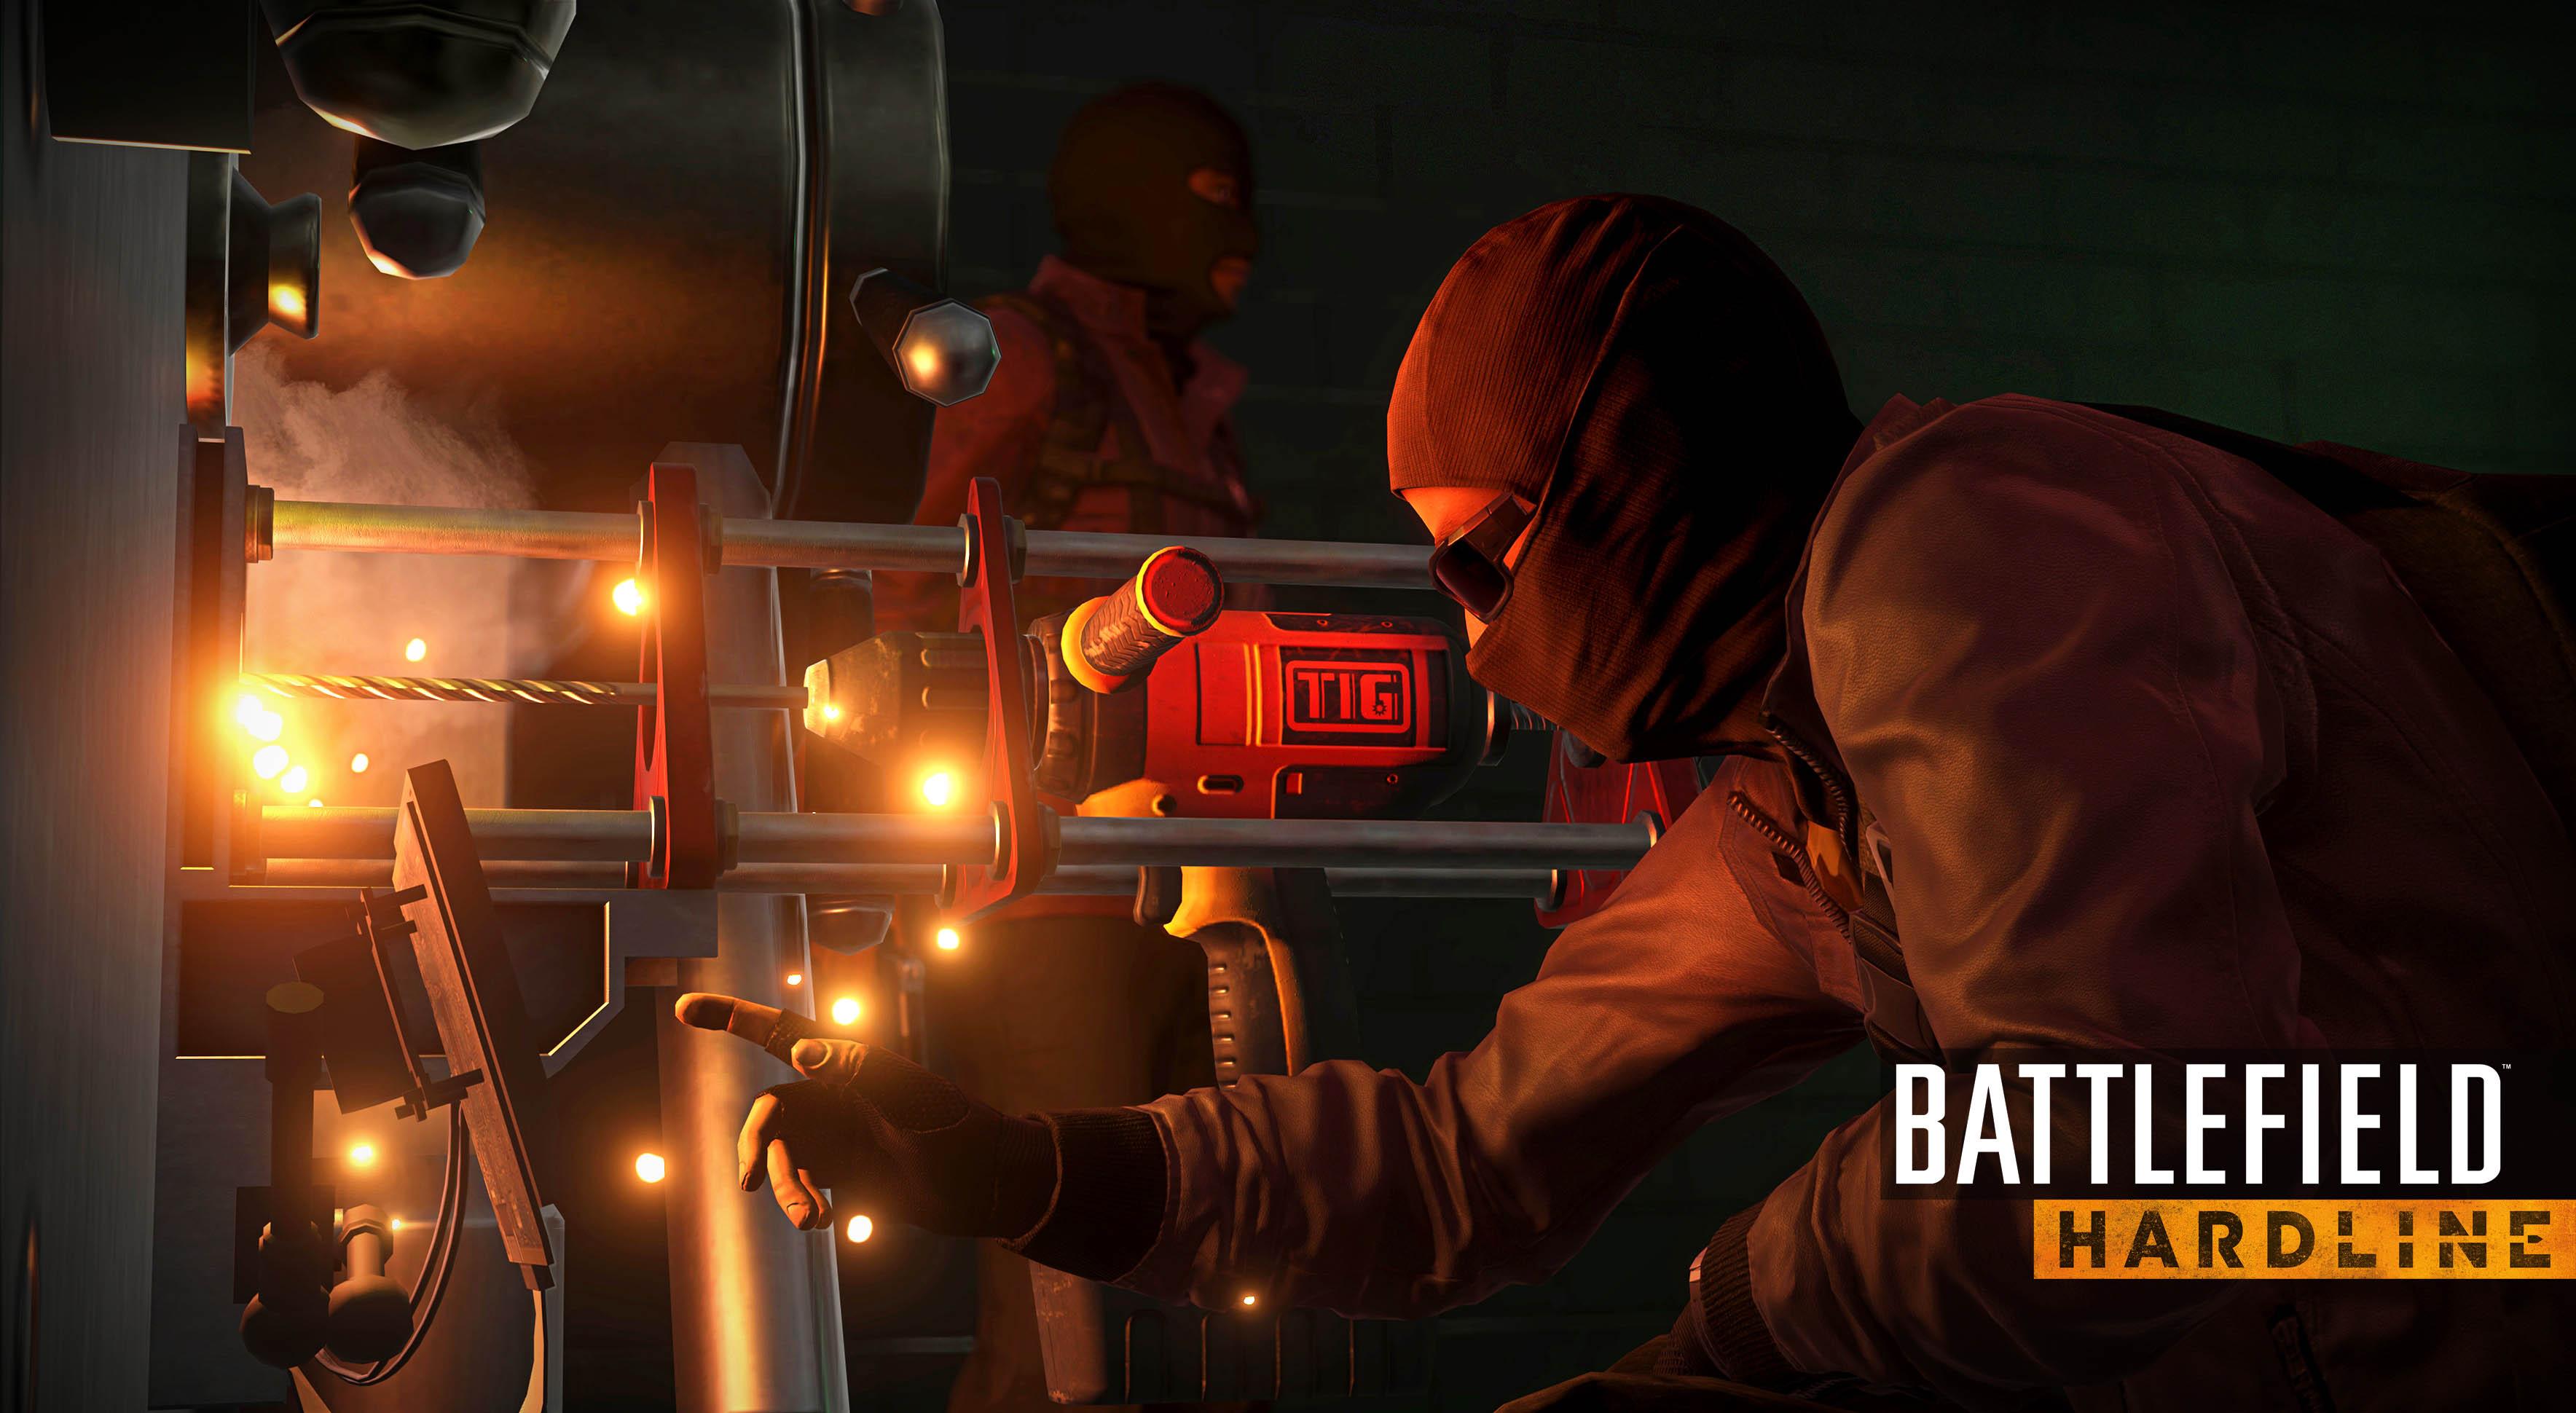 Battlefield Hardline Fondo De Pantalla Hd Fondo De